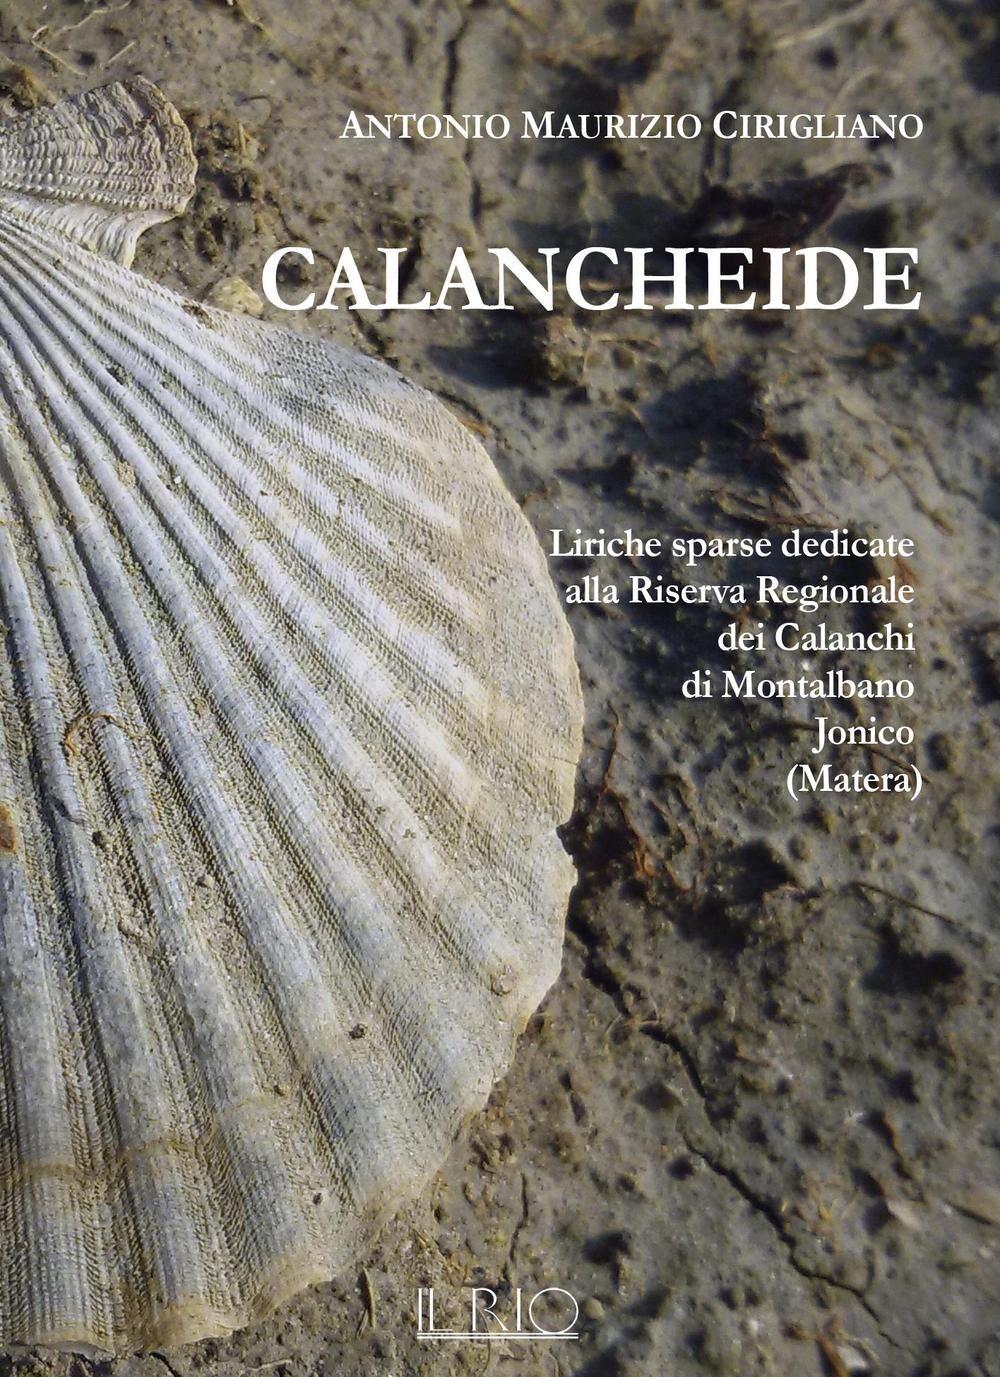 Calancheide. Liriche sparse dedicate alla Riserva regionale dei Calanchi di Montalbano Jonico (Matera)